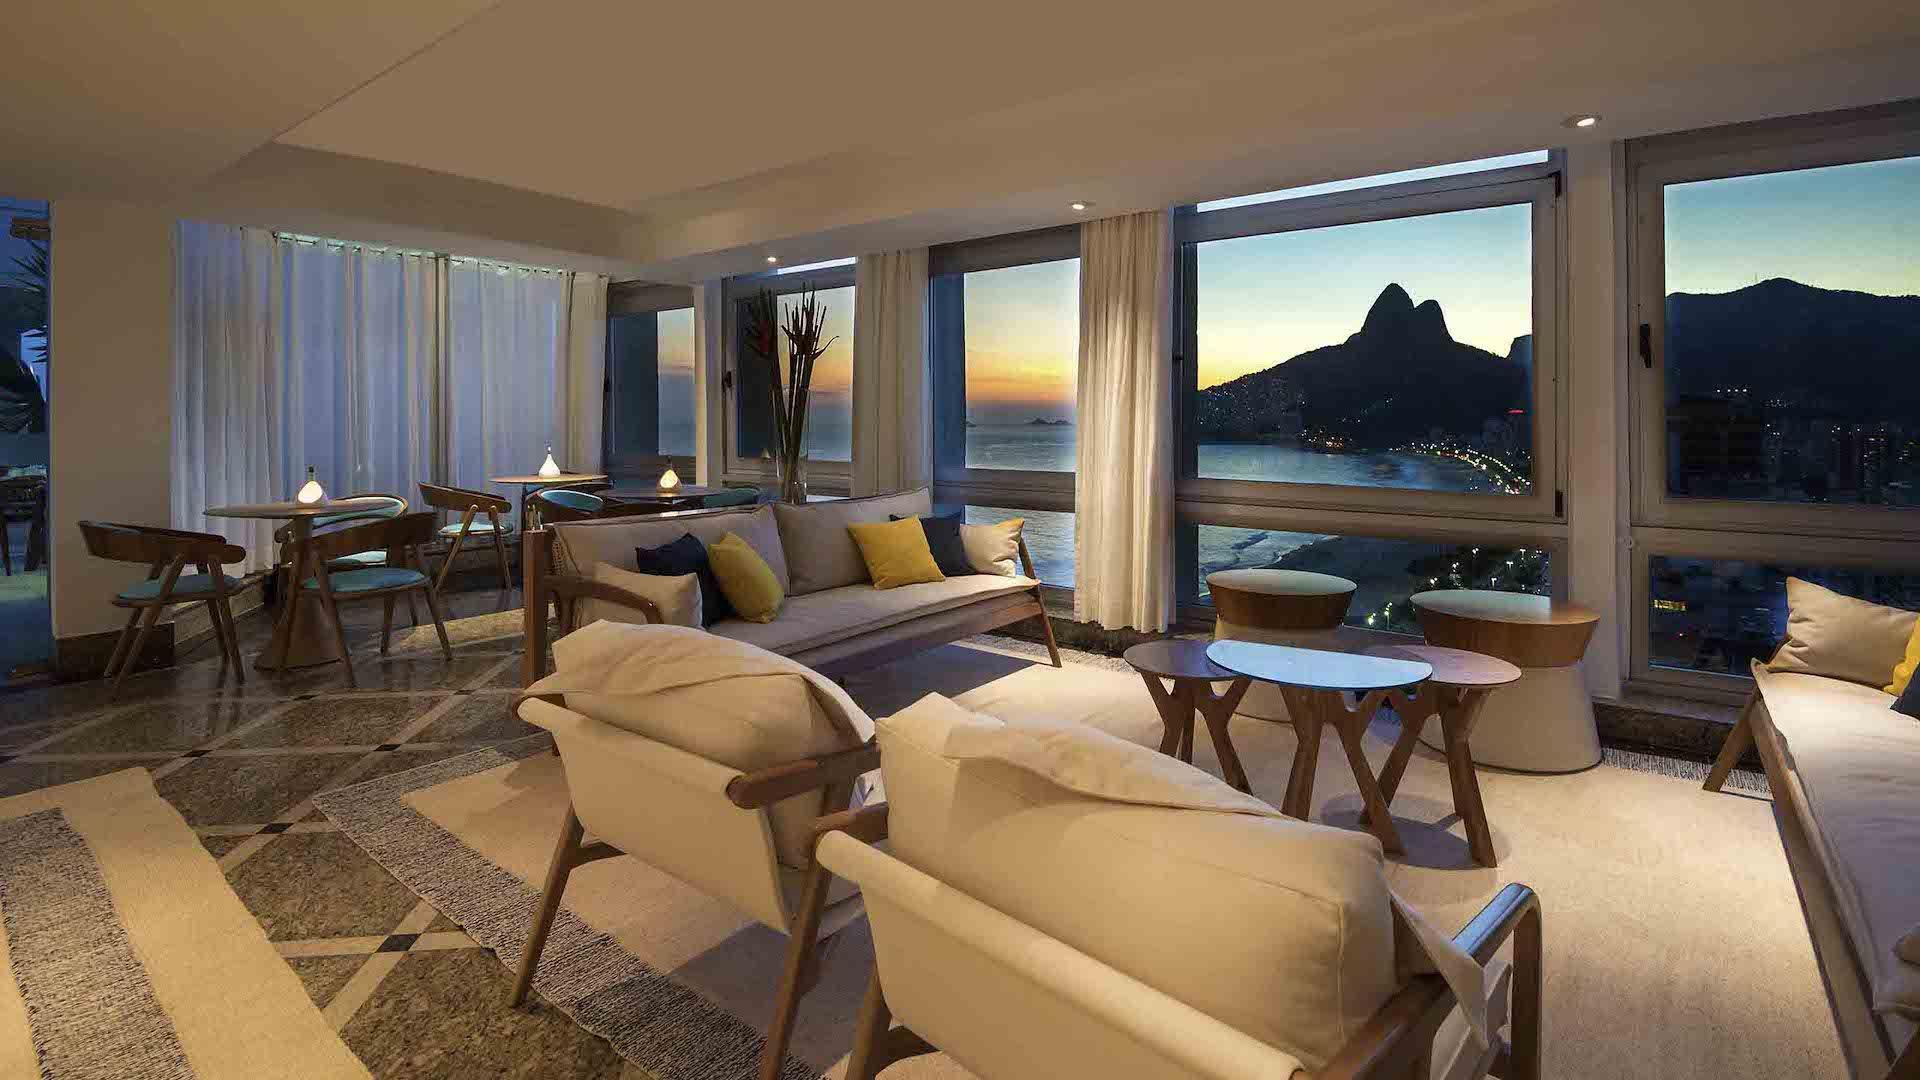 Dos destinos para disfrutar: Río de Janeiro y Termas de Río Hondo